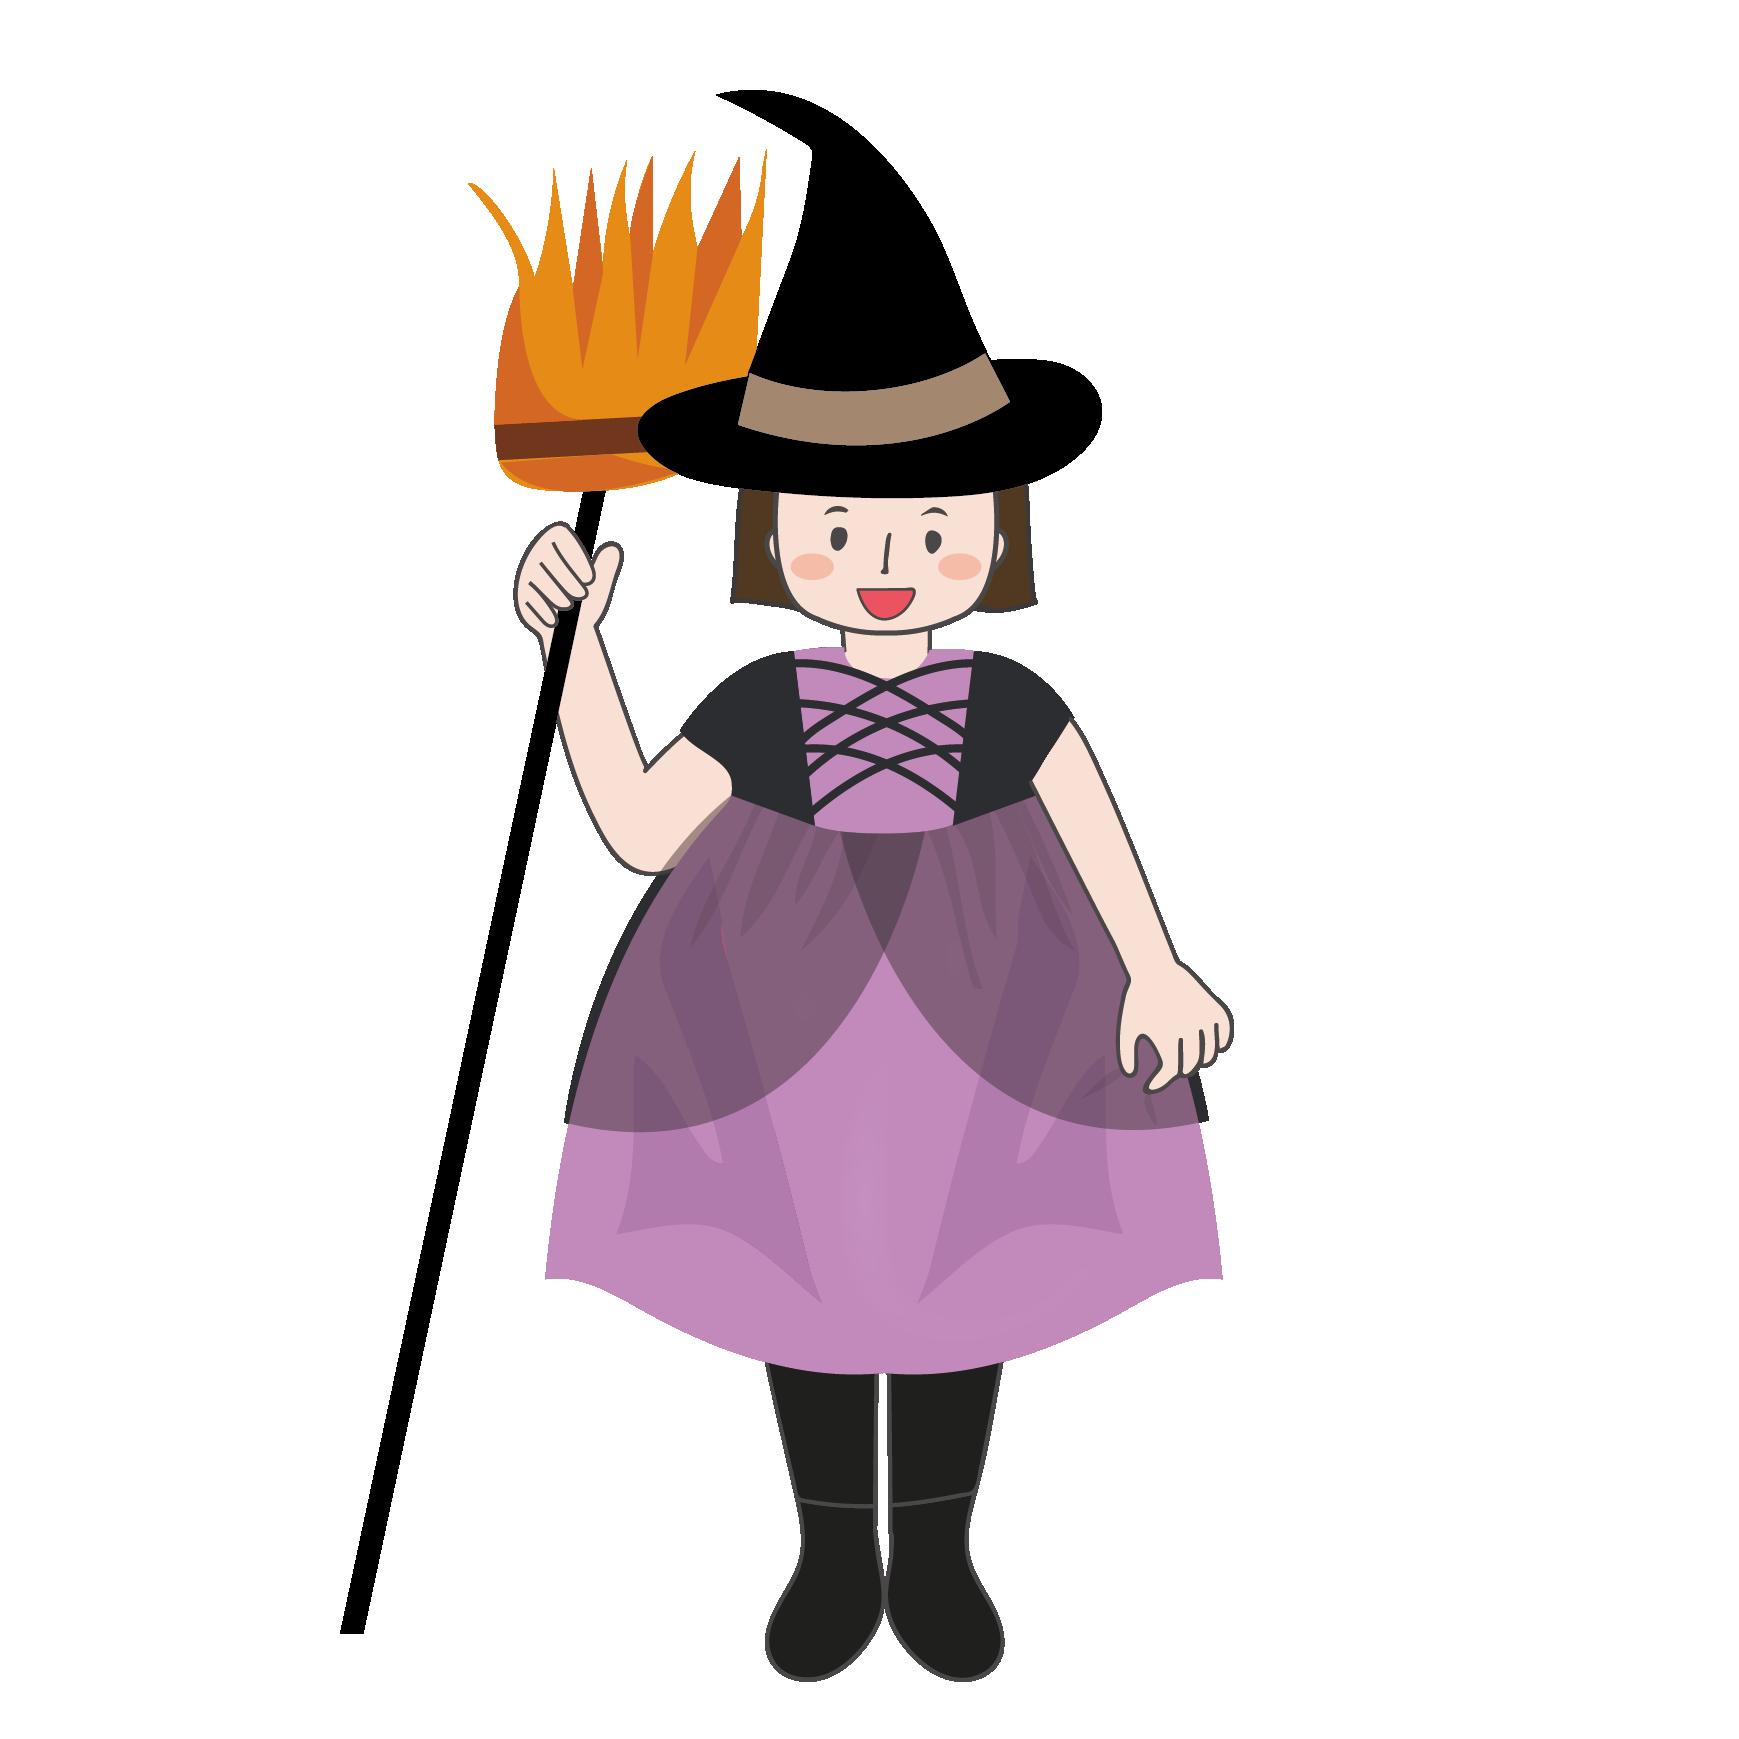 ハロウィン♪ 魔女の仮装をした女の子のイラスト | 商用フリー(無料)の